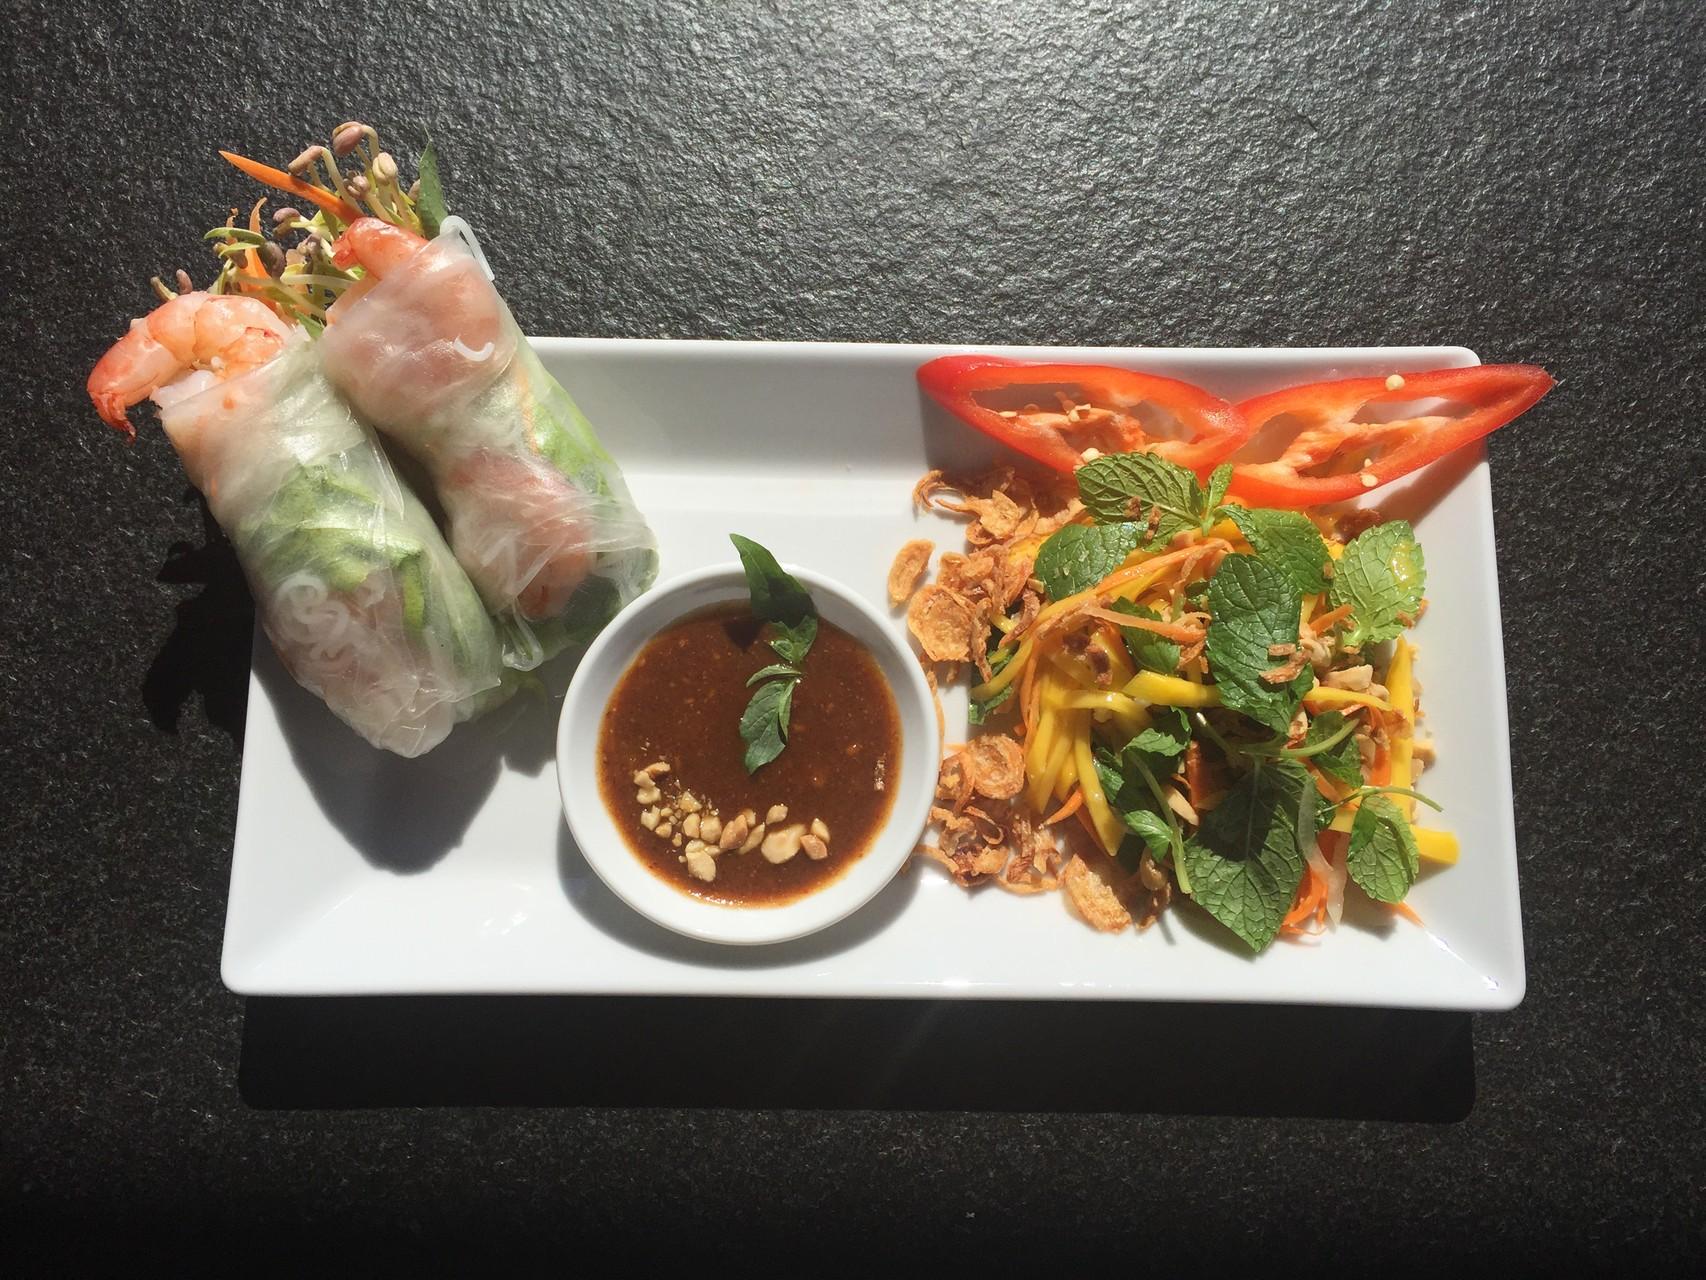 Goi cuon Tom - Frische Frühlingsrollen mit Crevetten, dazu Mangosalat . Serviert mit Moon Erdnusssauce.